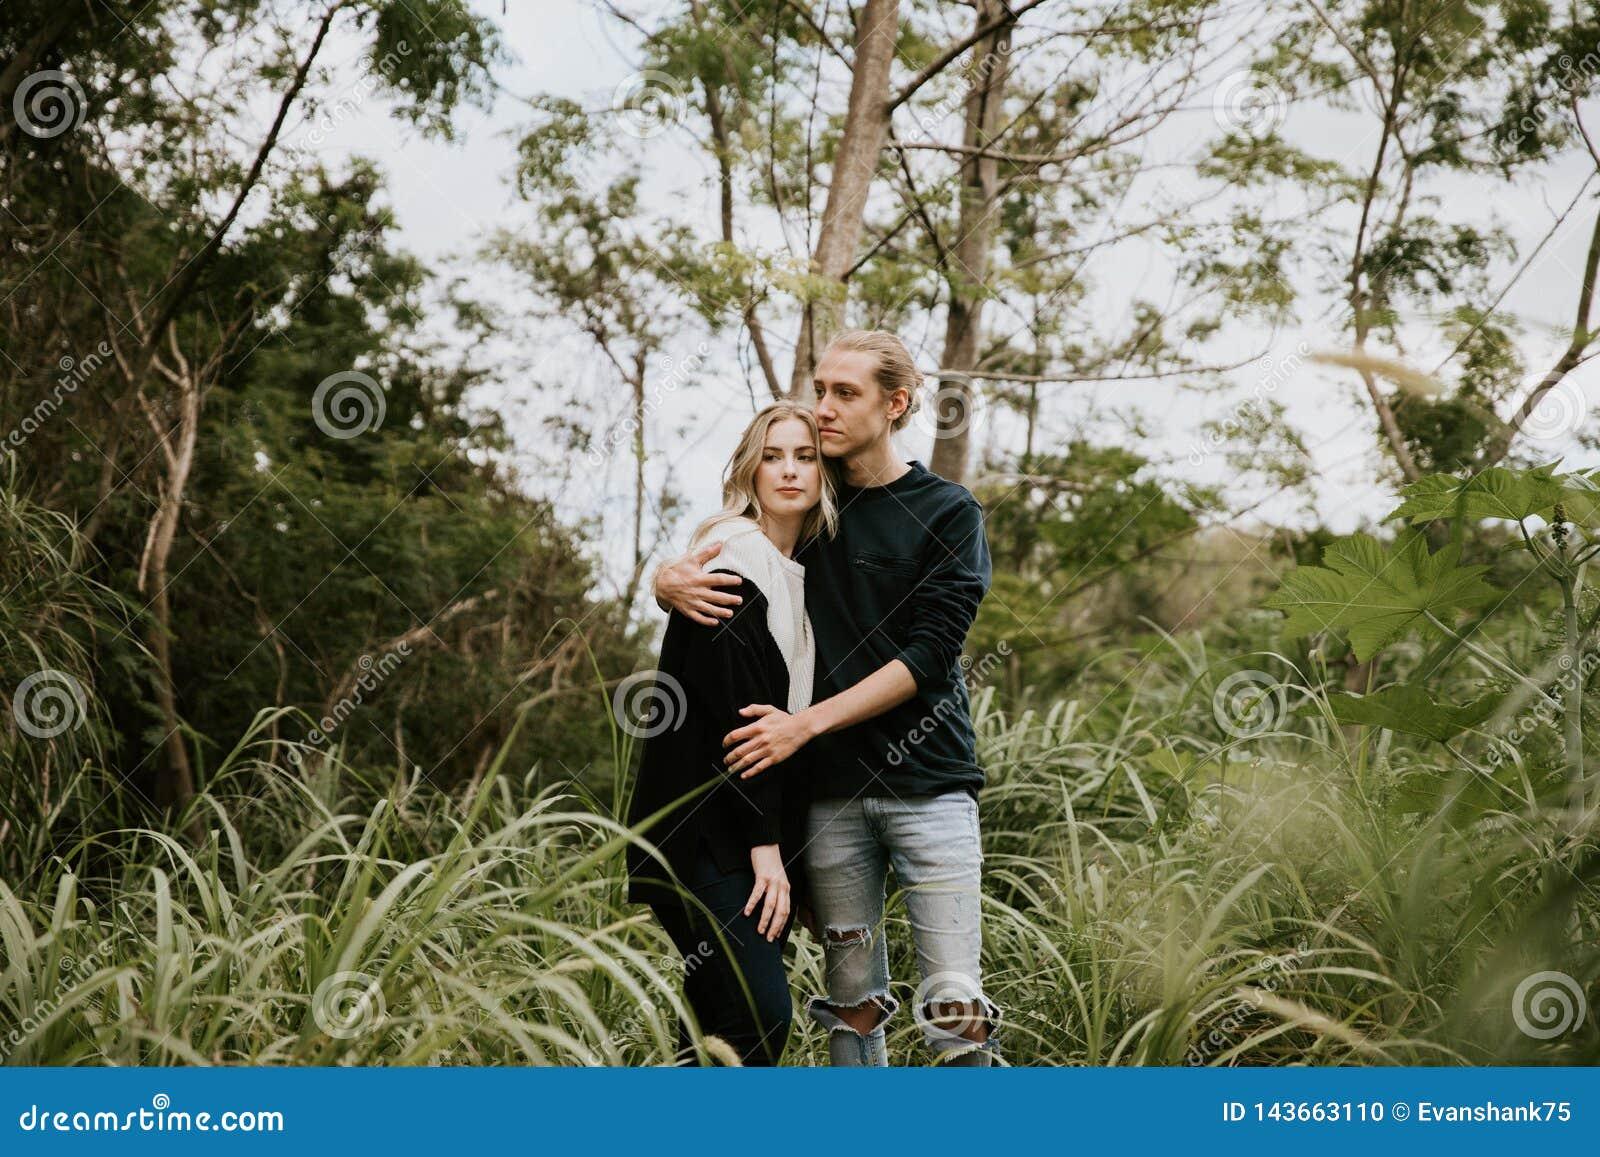 Leuk Jong Aantrekkelijk Daterend Paar die, en in Dicht Groen Tropisch Forest Jungle lachen kijken glimlachen